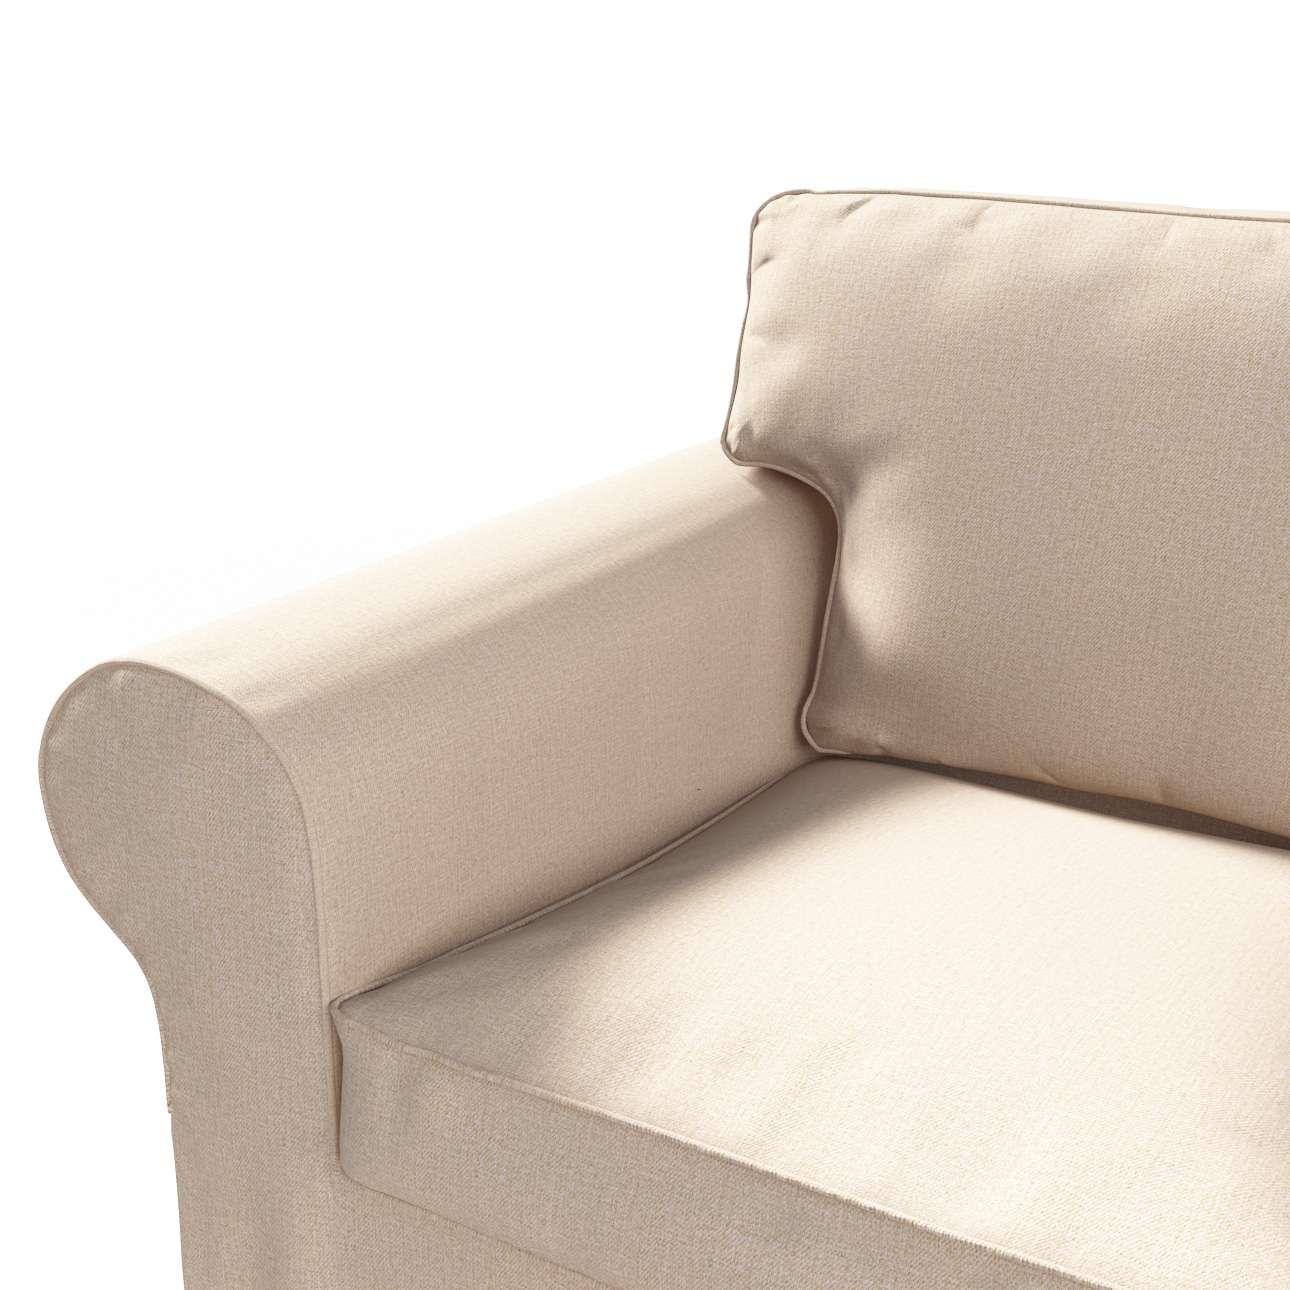 Pokrowiec na sofę Ektorp 2-osobową rozkładaną, model po 2012 w kolekcji Edinburgh, tkanina: 115-78